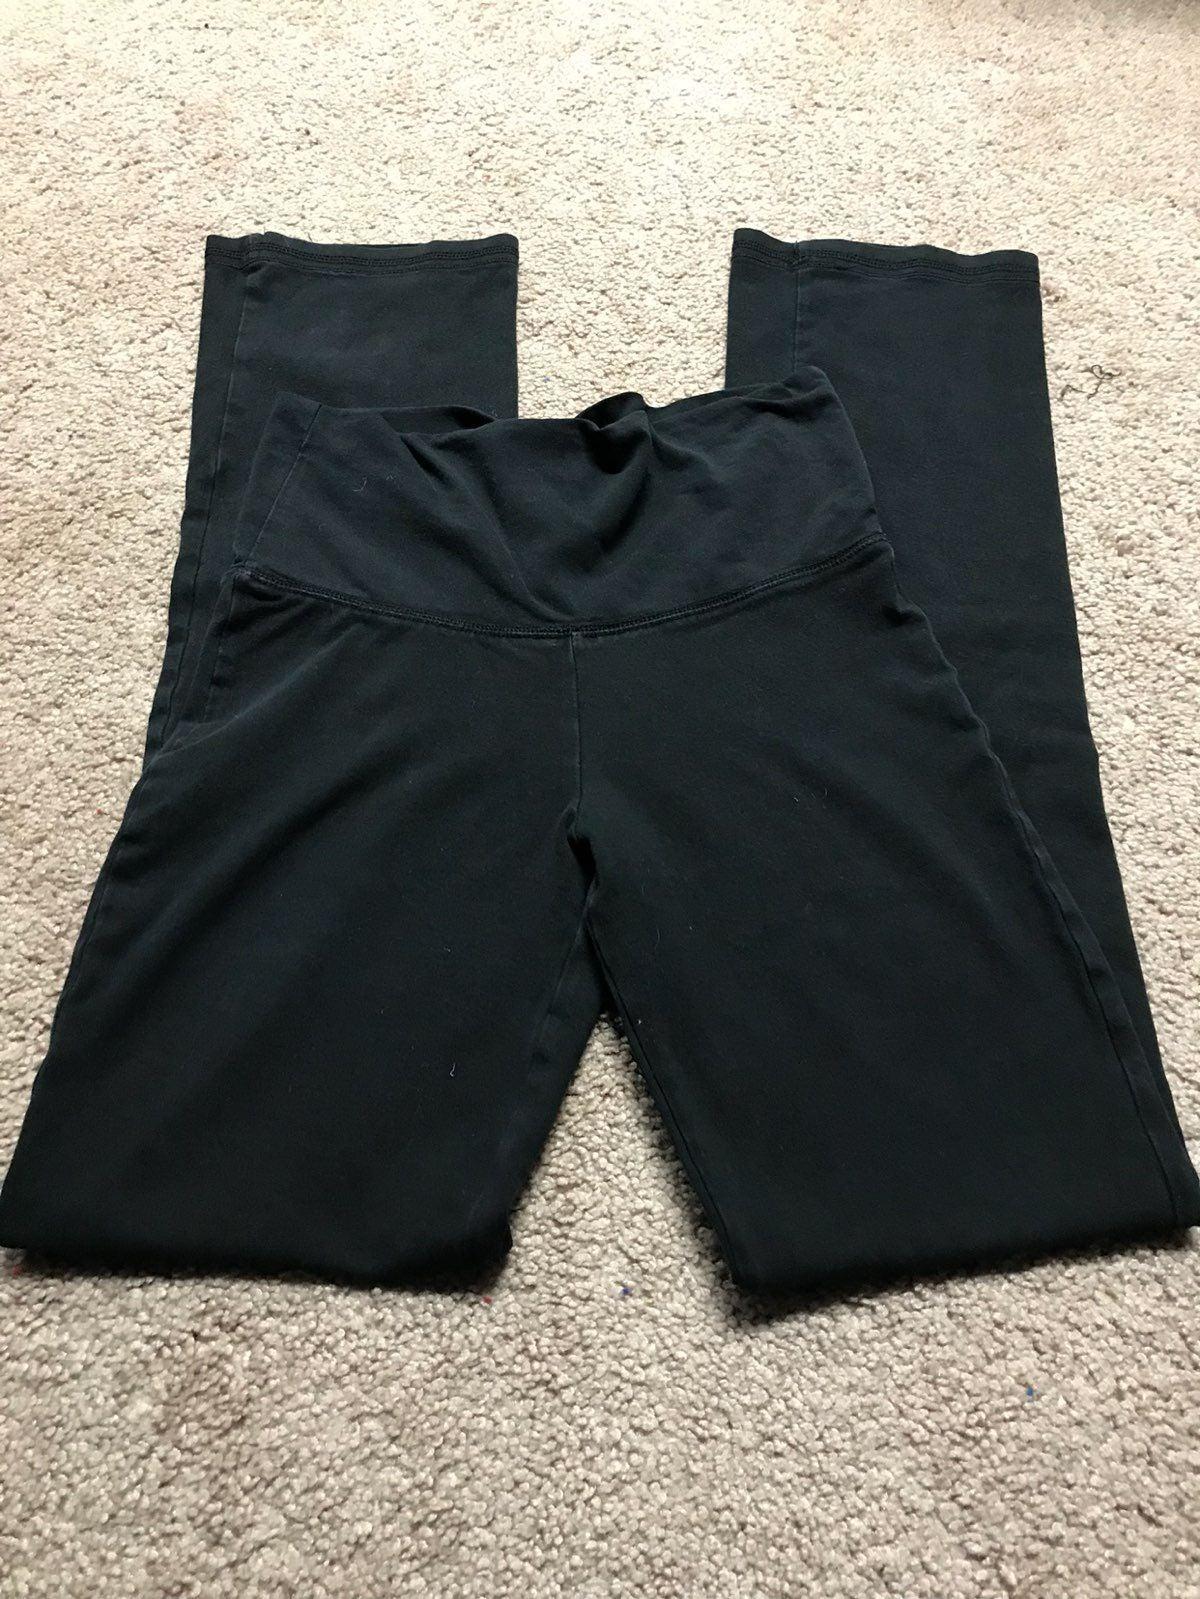 Mossimo Target Black Yoga Pants